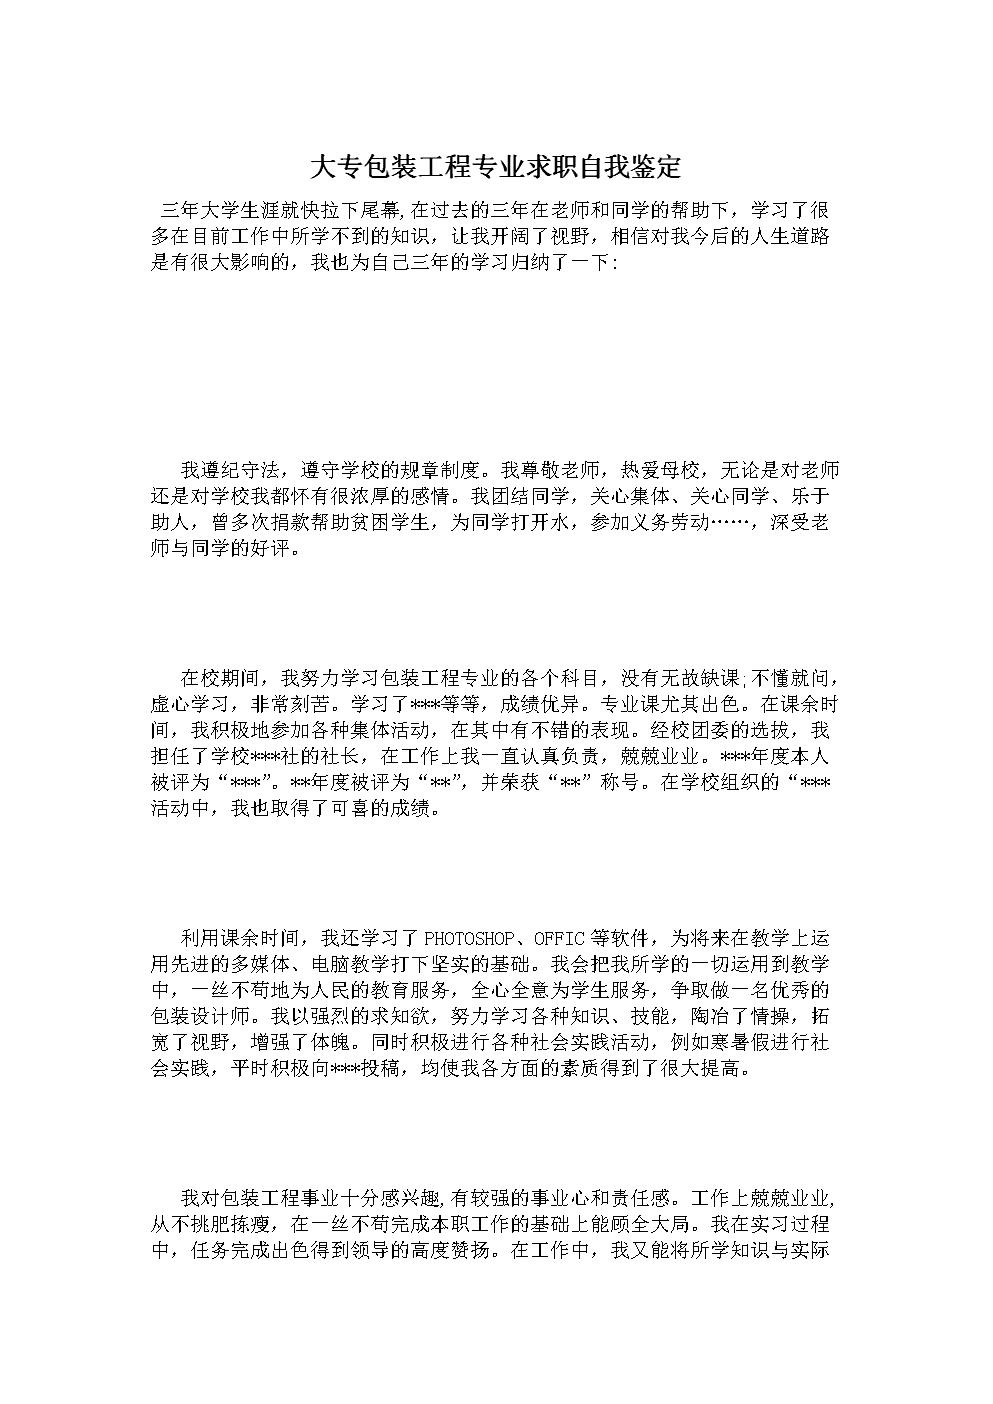 大专包装工程专业求职自我鉴定.doc